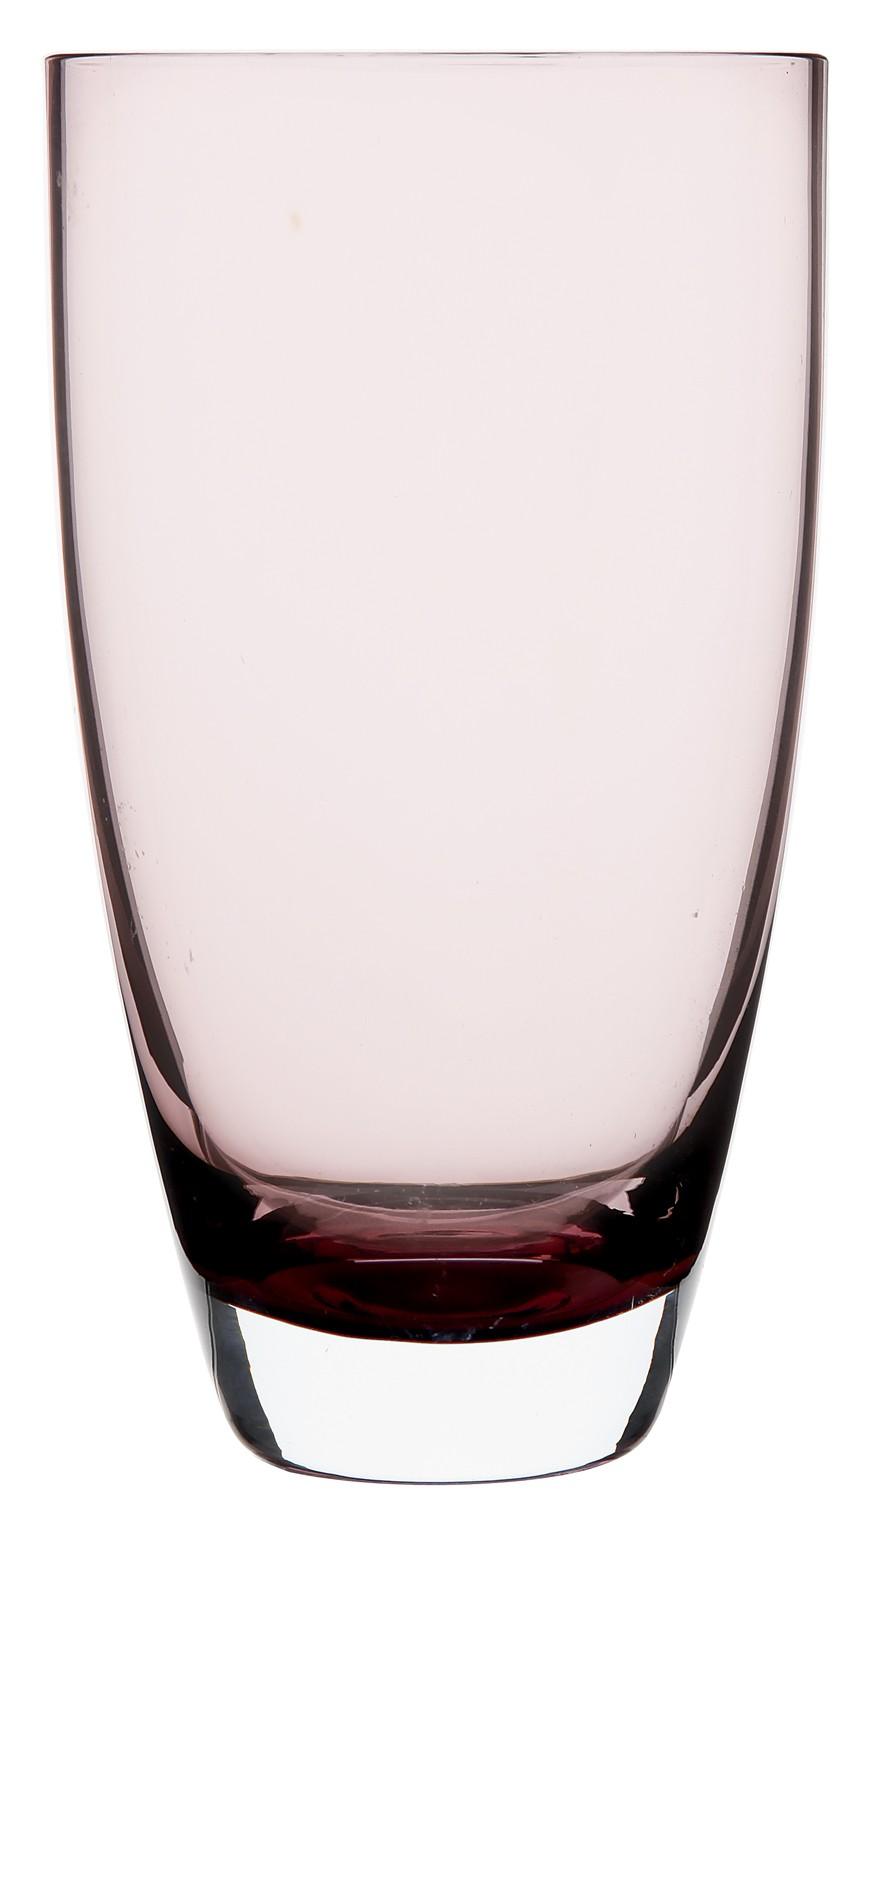 Ποτήρι Νερού - Αναψυκτικού Paradise Μωβ Σετ 6Τμχ 500ml Ionia home   ειδη σερβιρισματος   ποτήρια